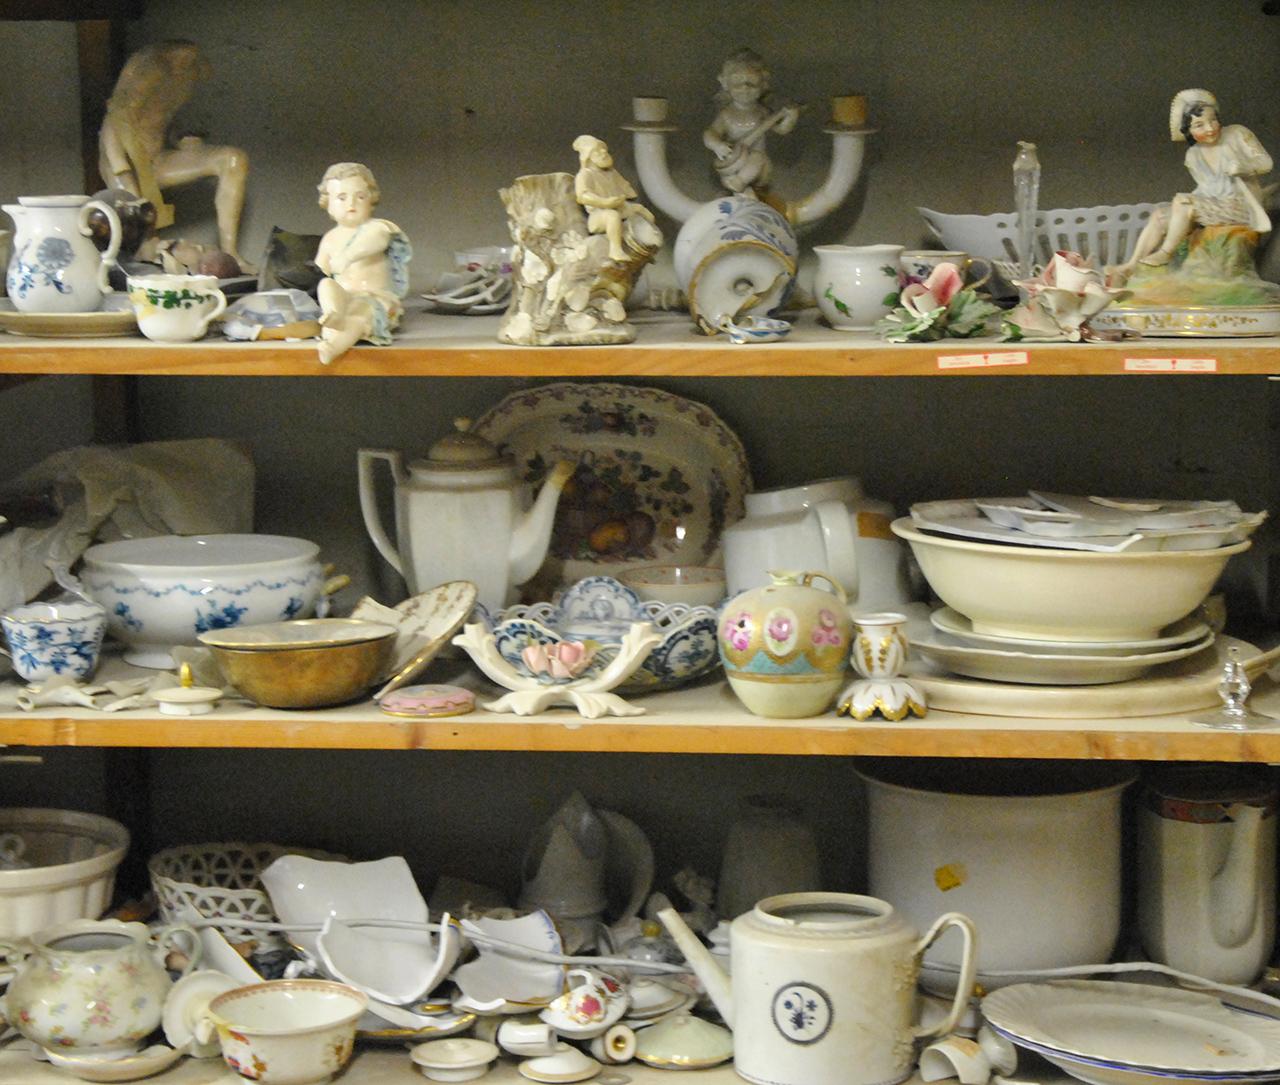 In der Werkstatt gibt es zahlreiche Porzellanschätze